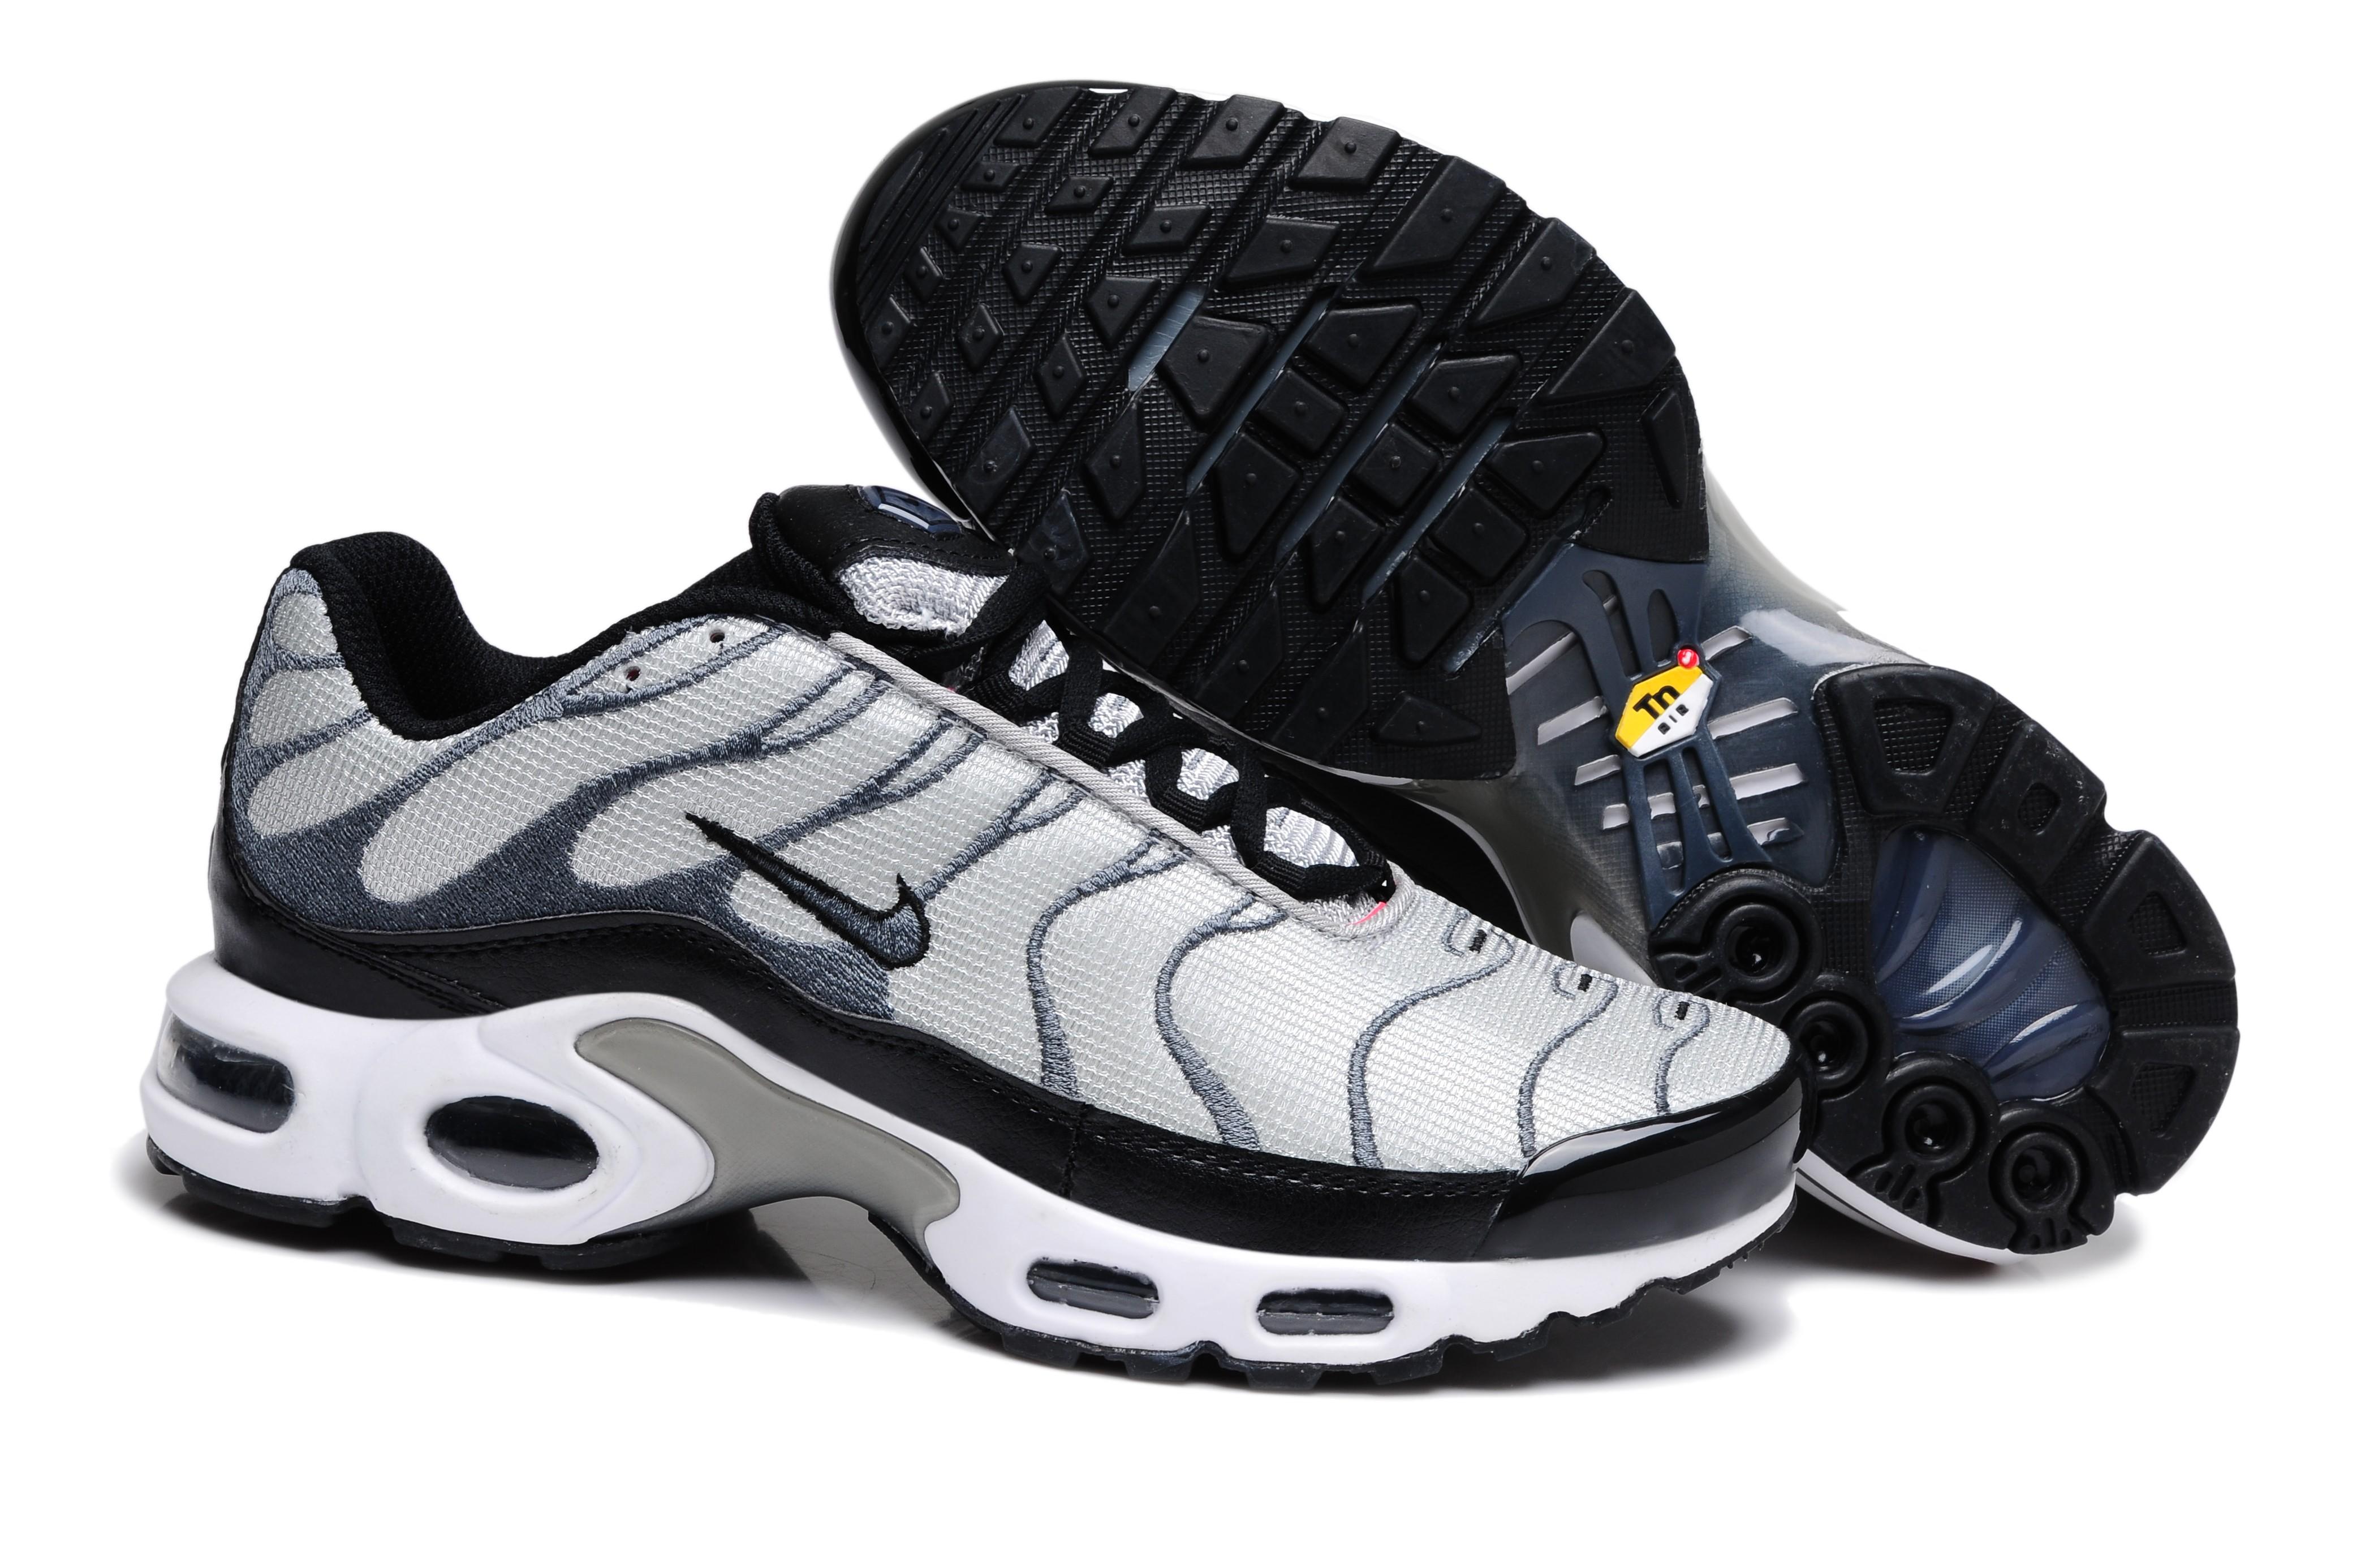 big sale 7a85b a34cf acheter chaussures nike tn requin - Vente pas cher acheter chaussures nike  tn requin France en ligne. Découvrez de nouveaux articles tous les jours!